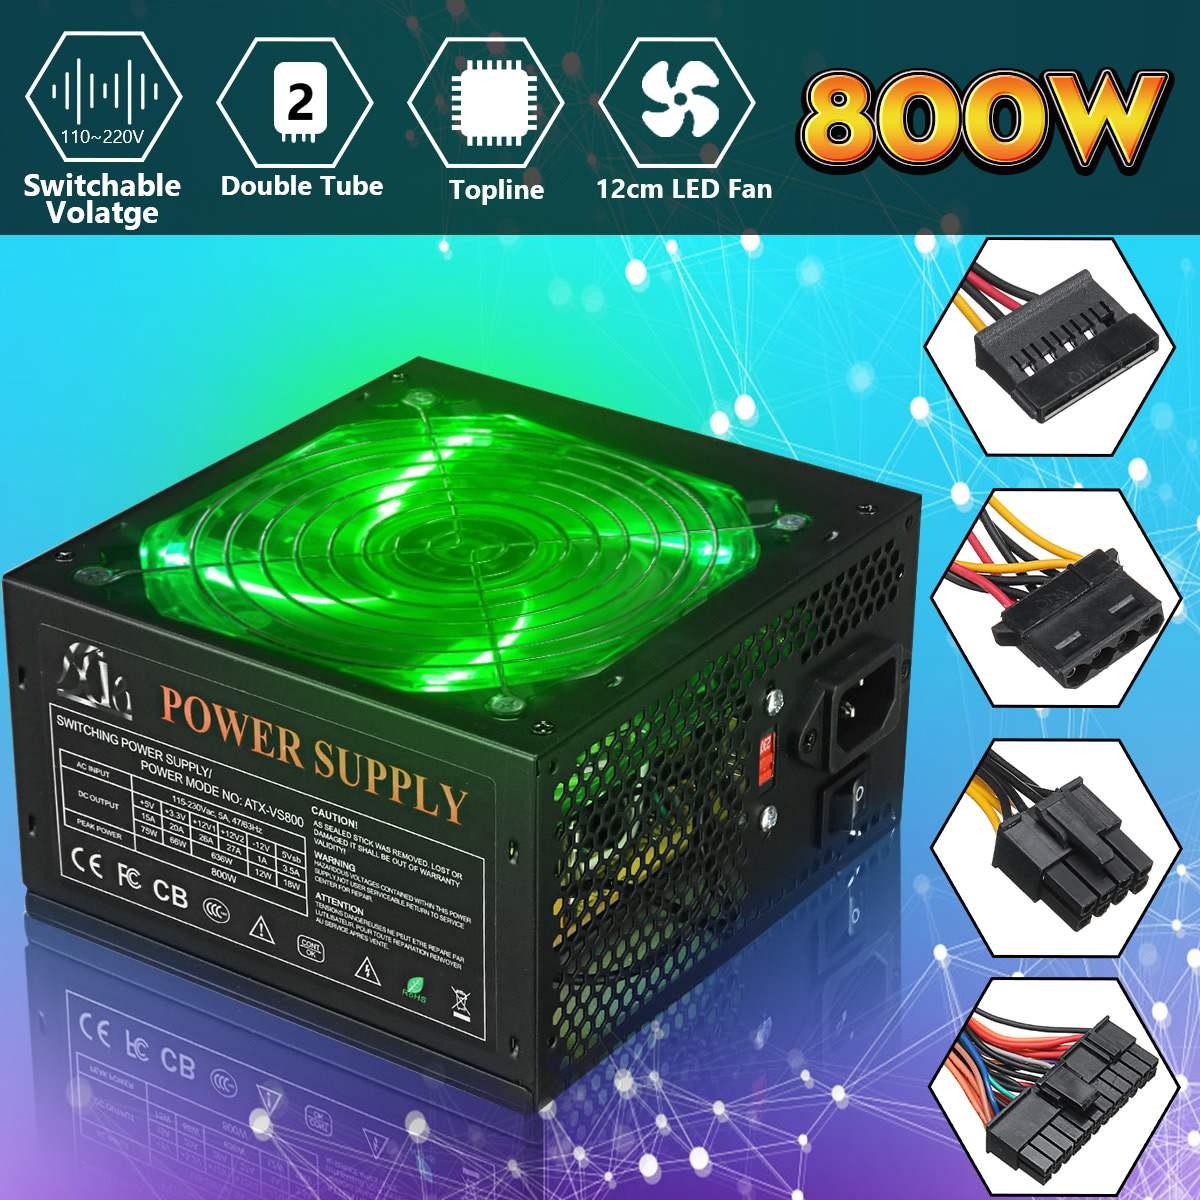 Fuente de alimentación 800W 110 ~ 220V ventilador silencioso LED de 12cm con control de temperatura inteligente Intel AMD ATX 12V para ordenador de escritorio